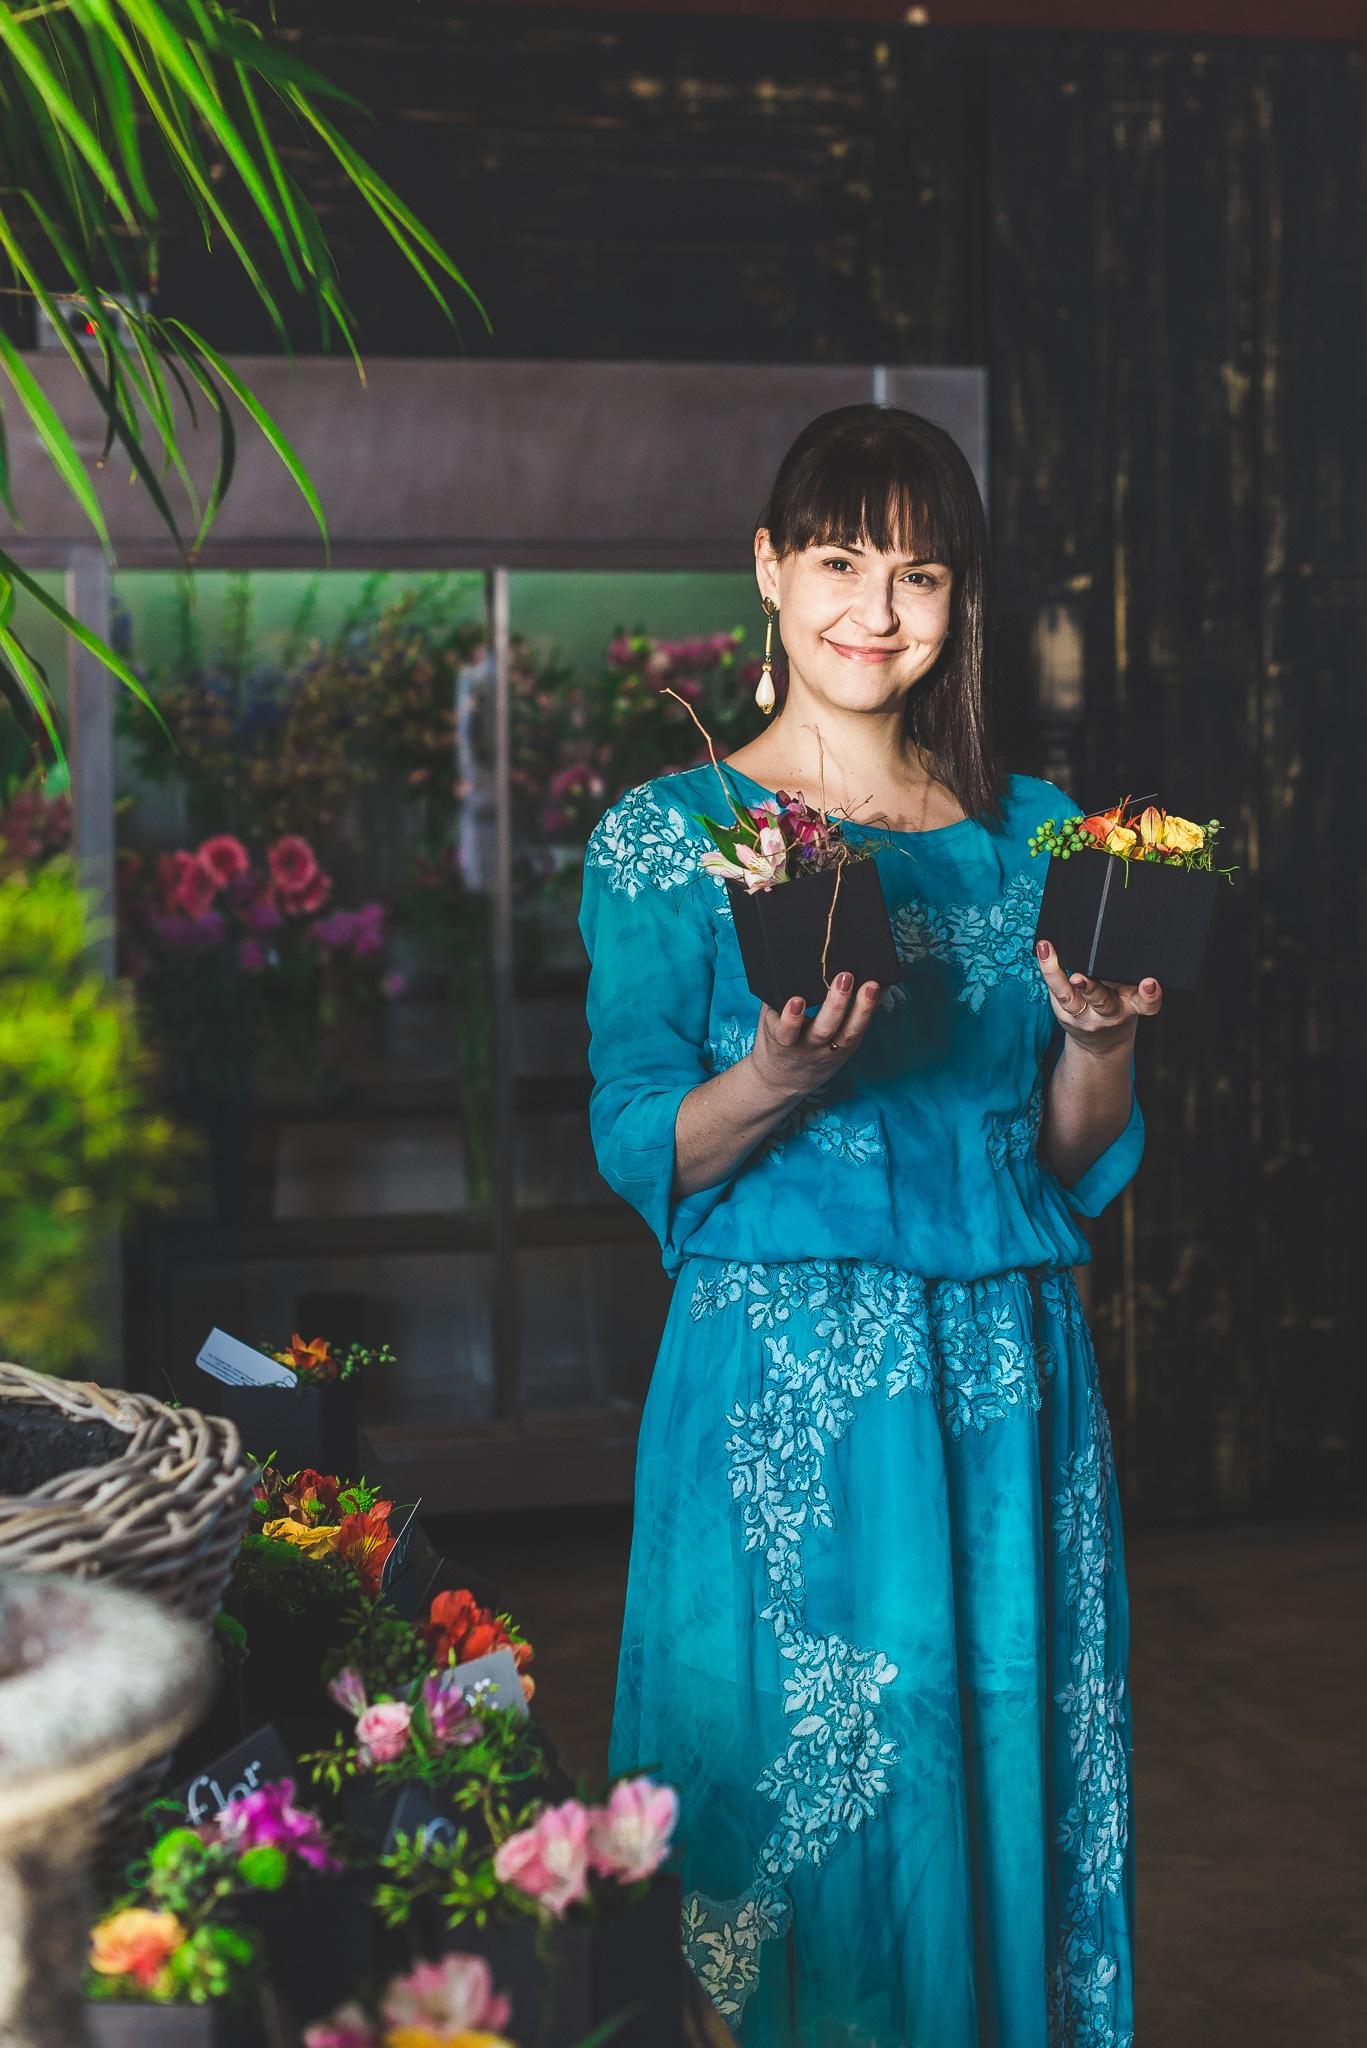 Natália está em pé, com um vestido azul, segurando dois vasos de plantas.